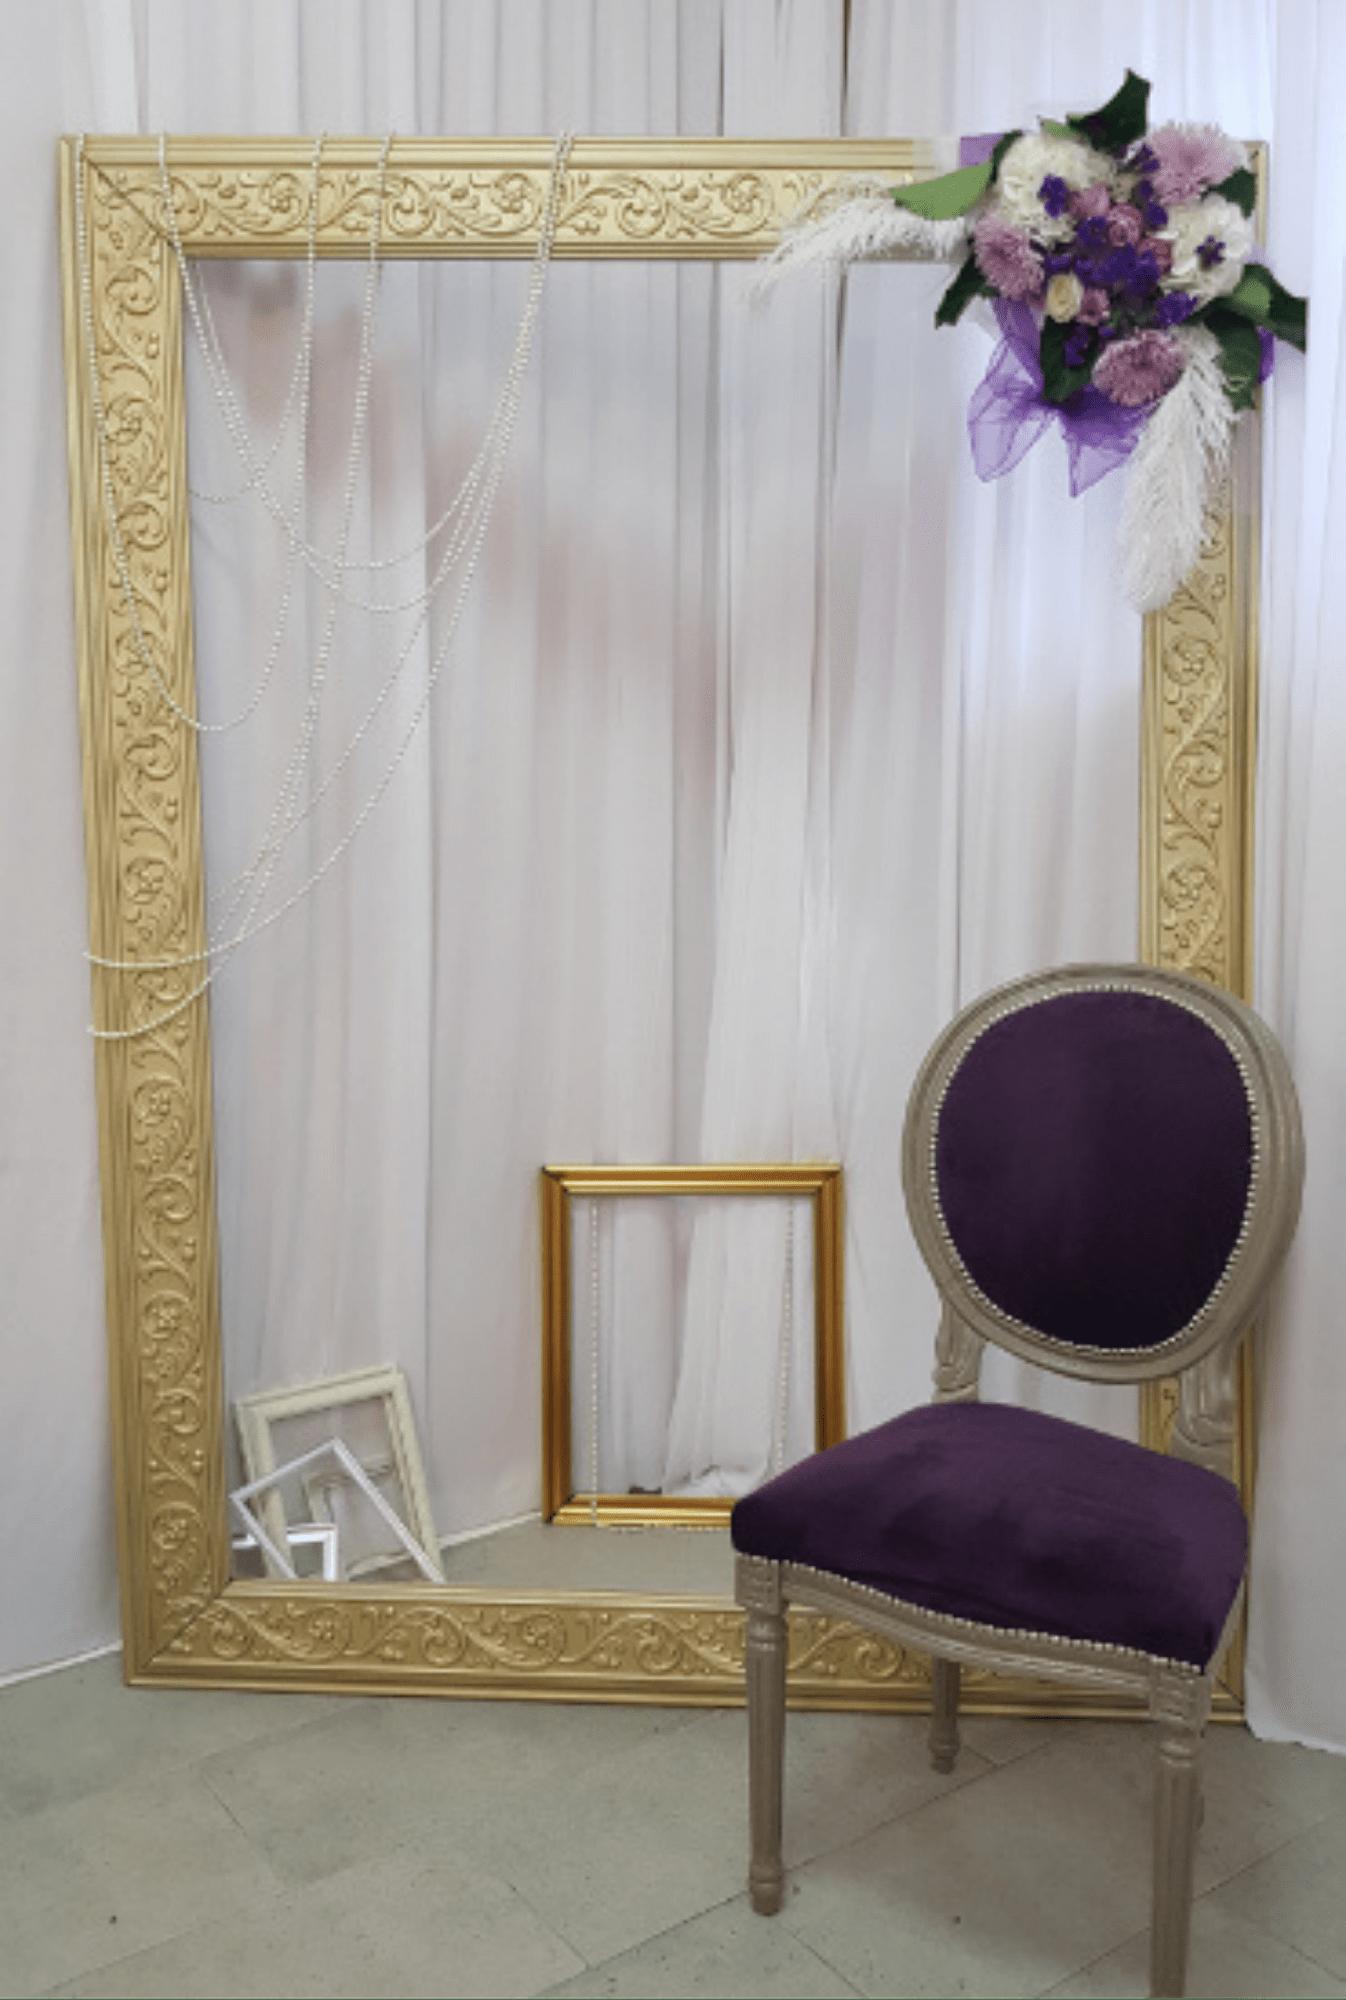 Photobooth Kissbooth Décoration Personnalisée Exotic Ile De France Et Normandie Mariage Mariage Fleuri